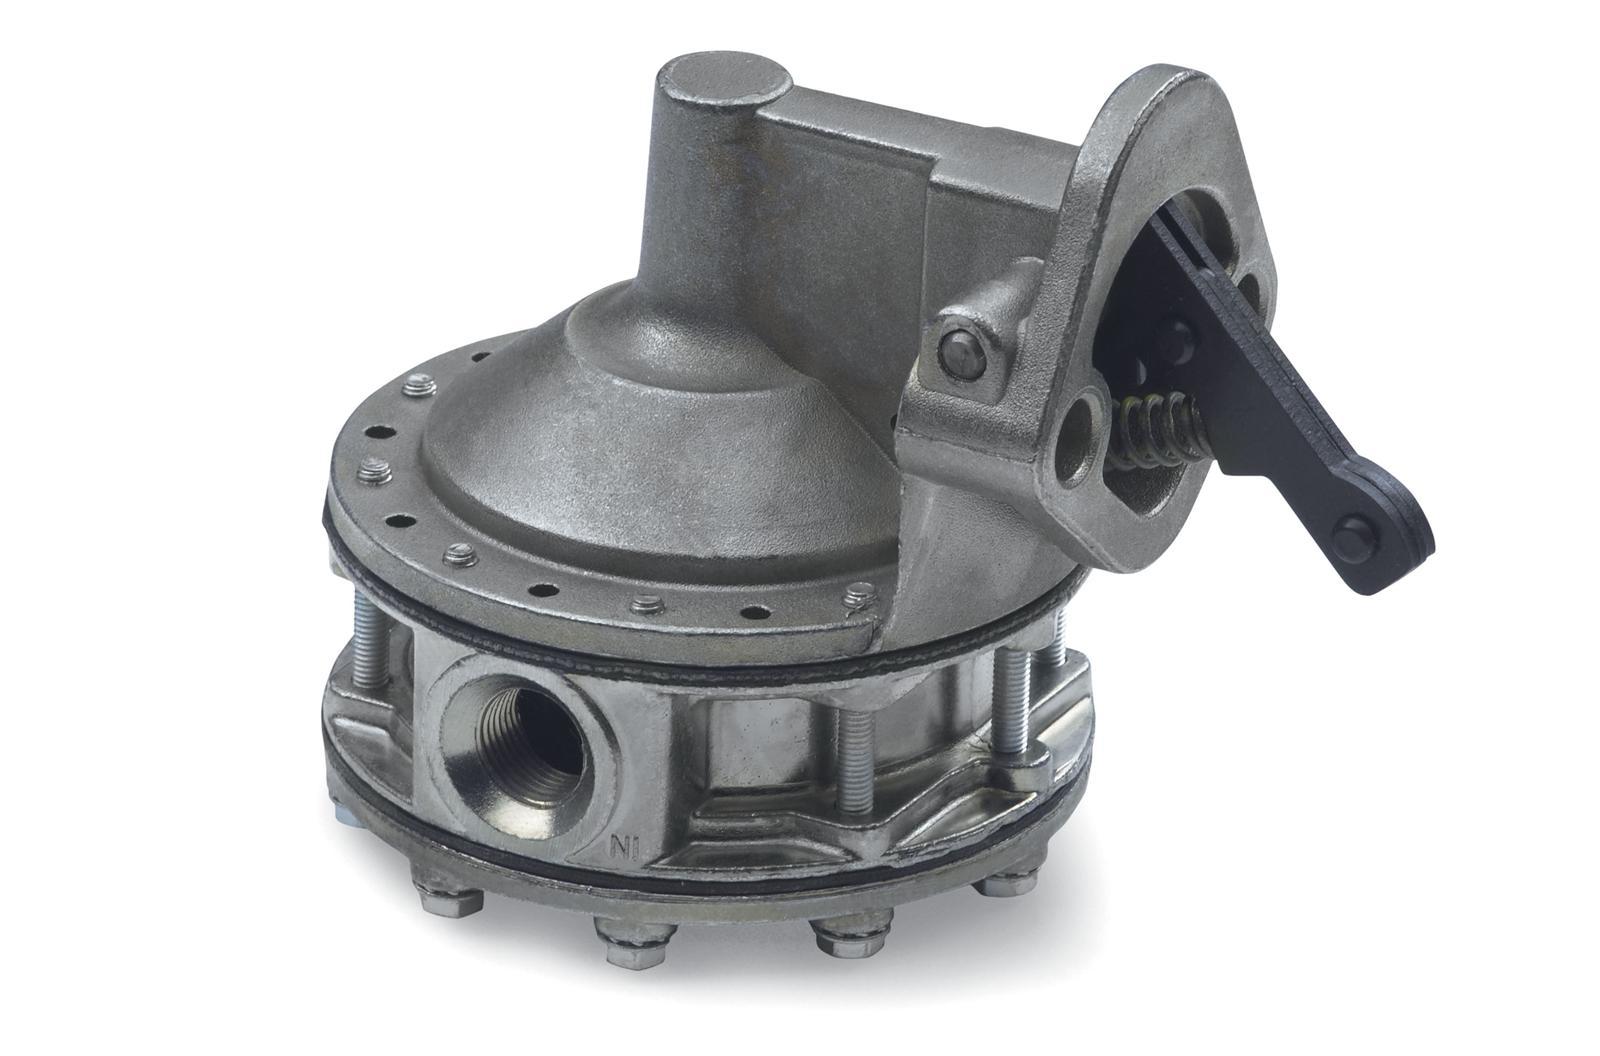 Chevrolet Performance Mechanical Fuel Pumps 12355612